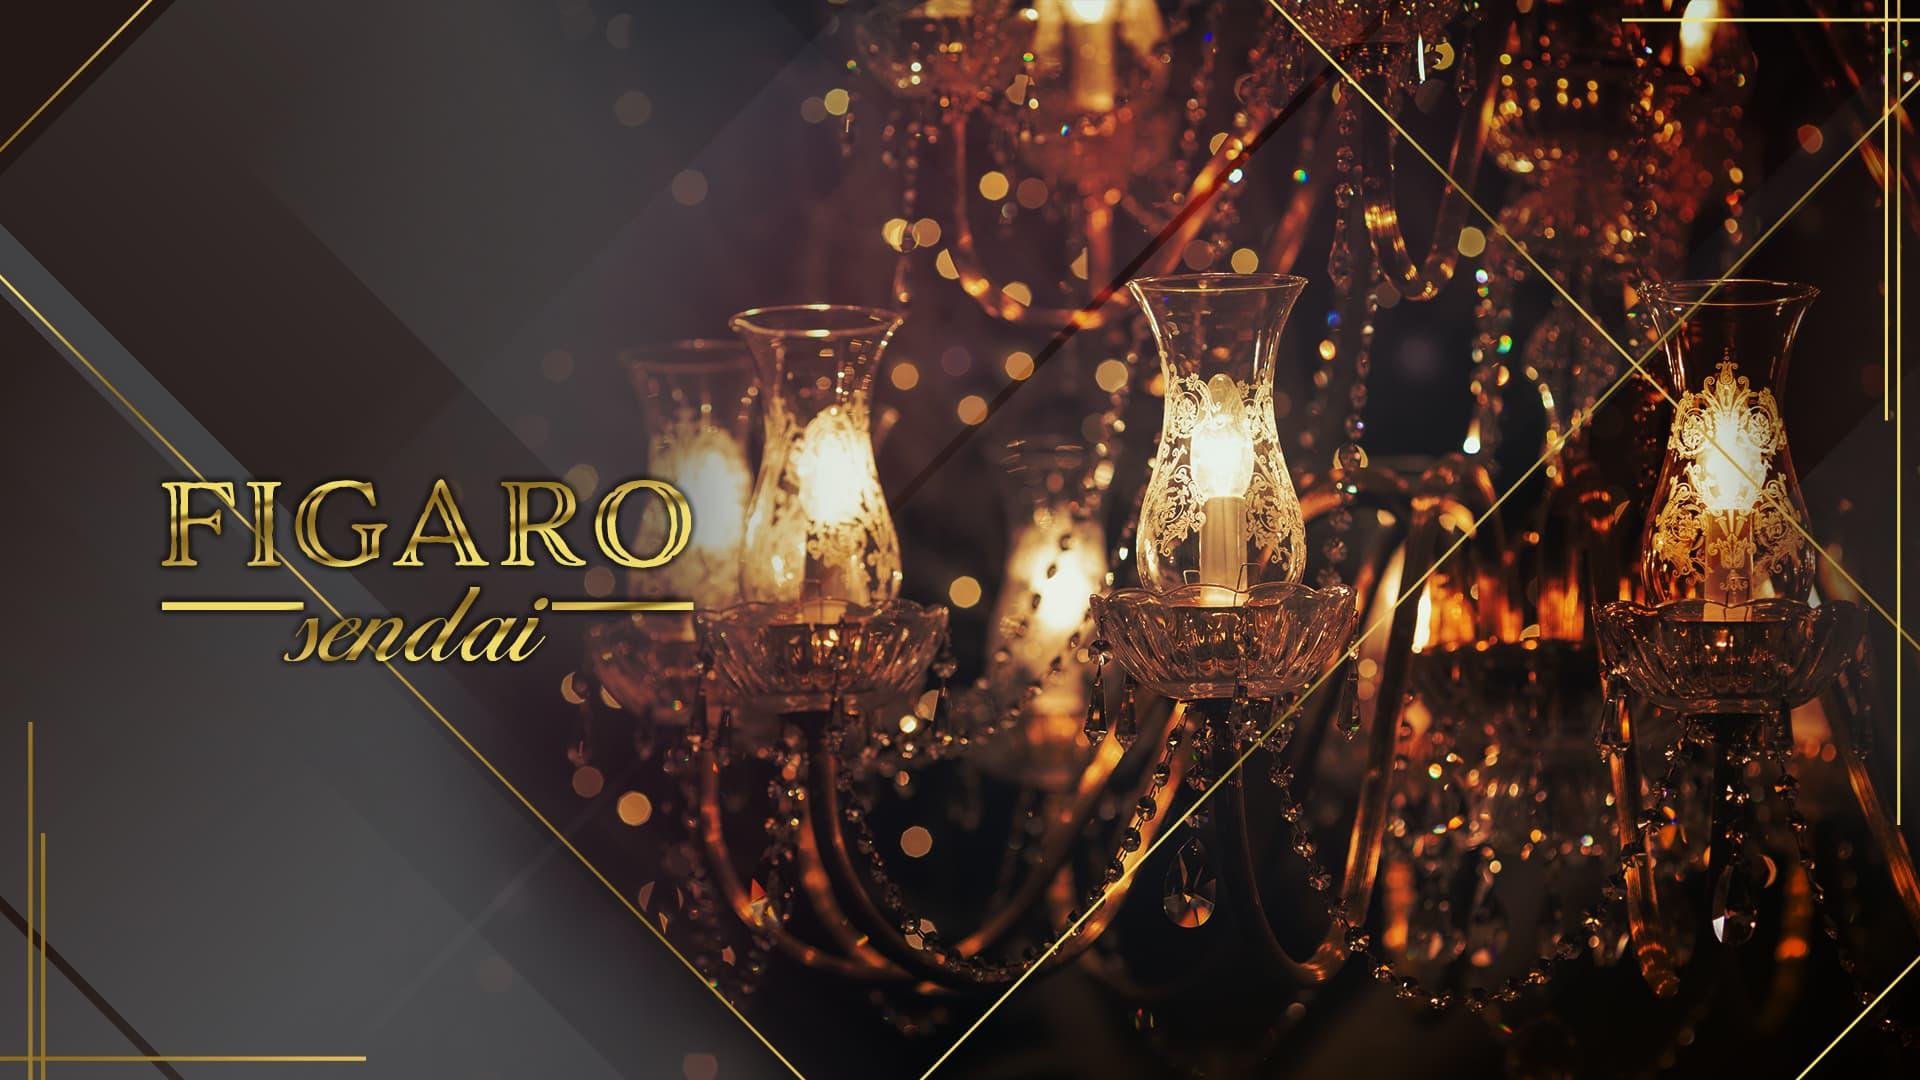 FIGARO(フィガロ)【公式求人・体入情報】 国分町キャバクラ TOP画像